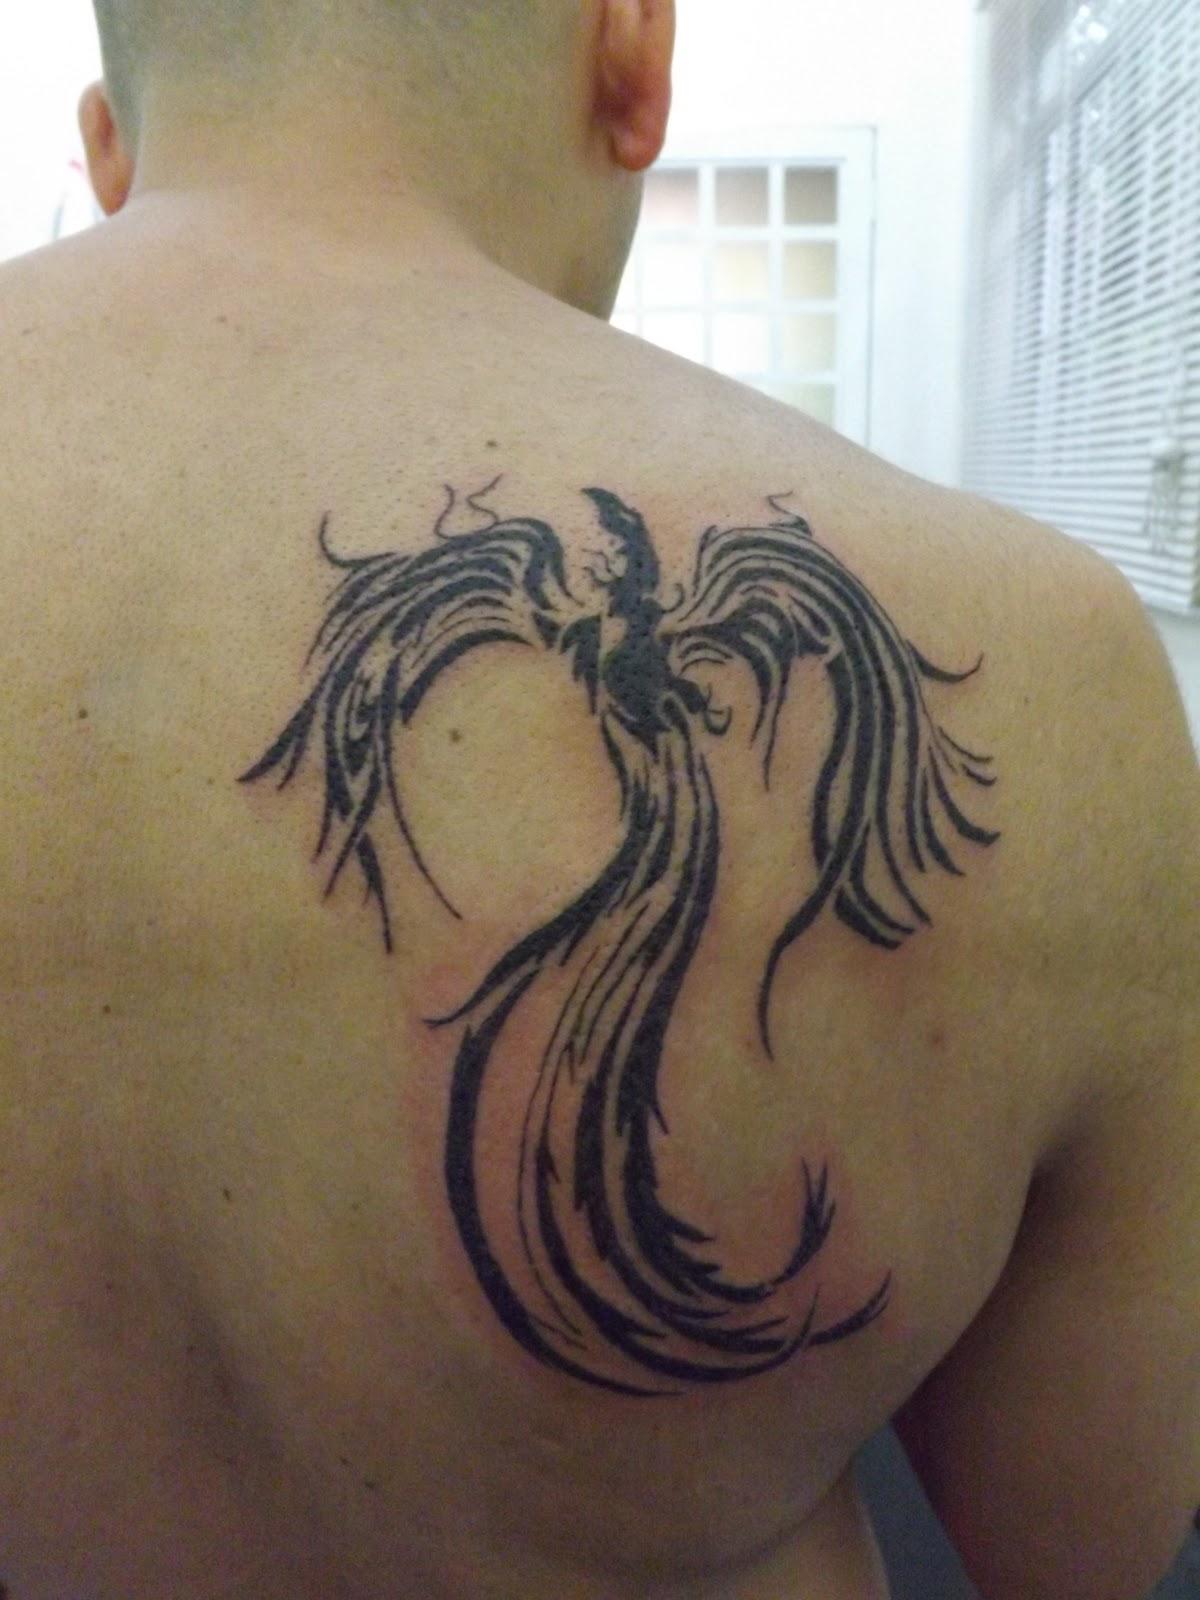 Fabiano tatuagem tattoo fenix tribal for Fenix tribal tattoo